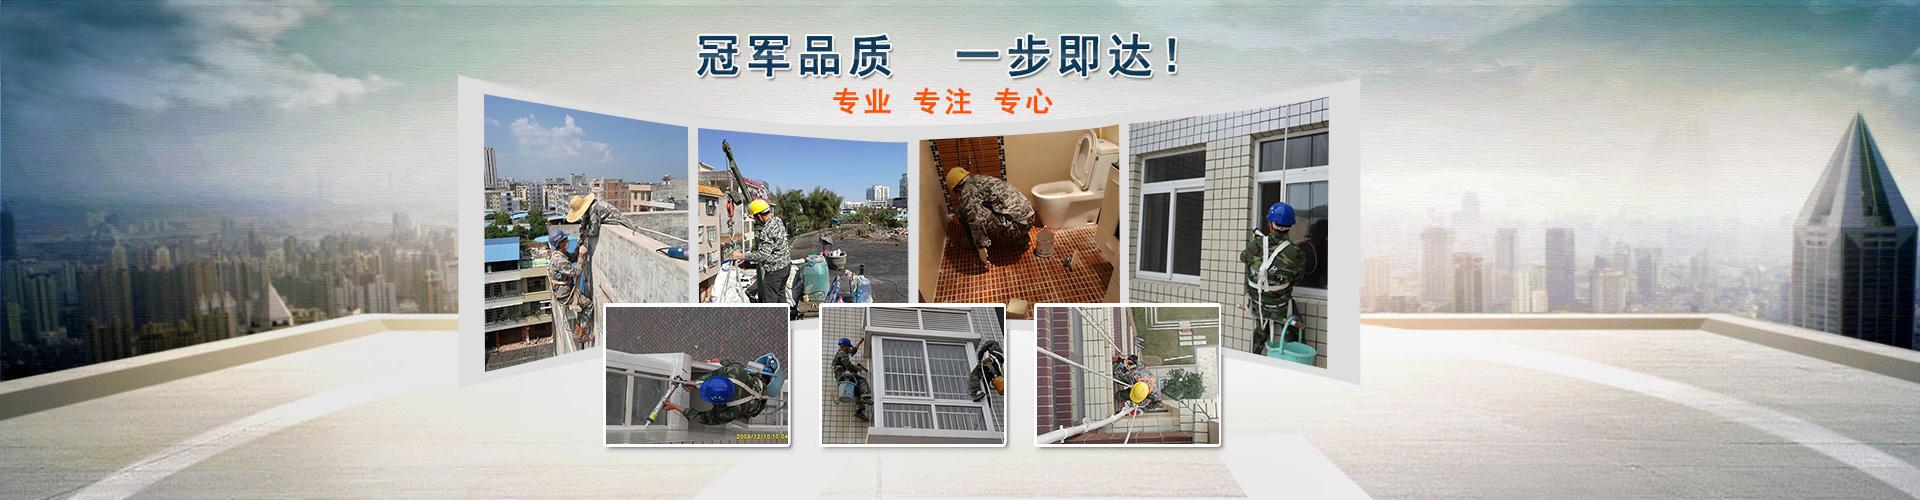 防城港防水工程,广西外墙补漏,广西专业防水补漏